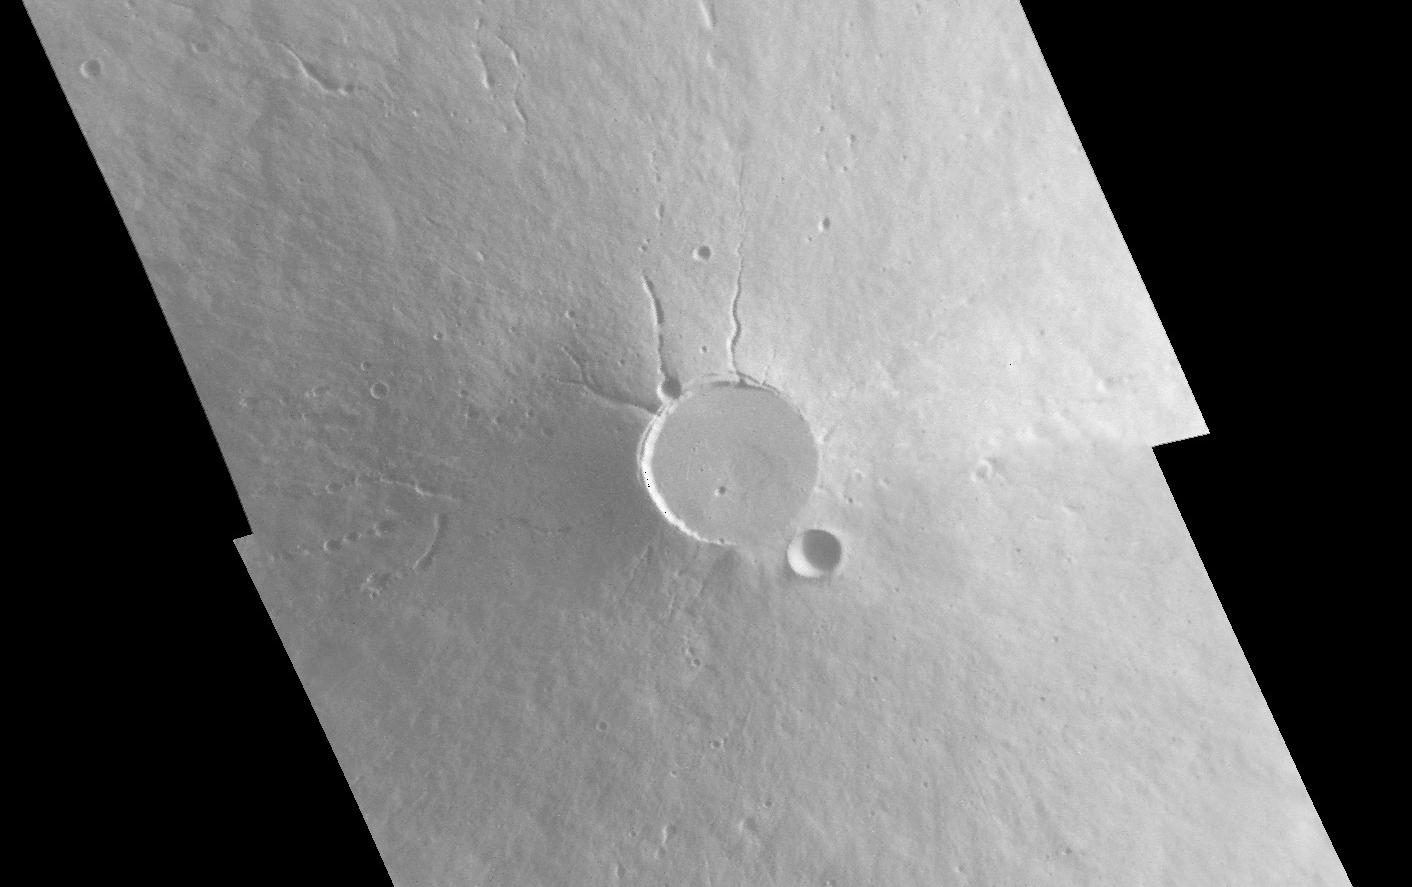 Mariner 9 view of Elysium Mons. Image credit: NASA